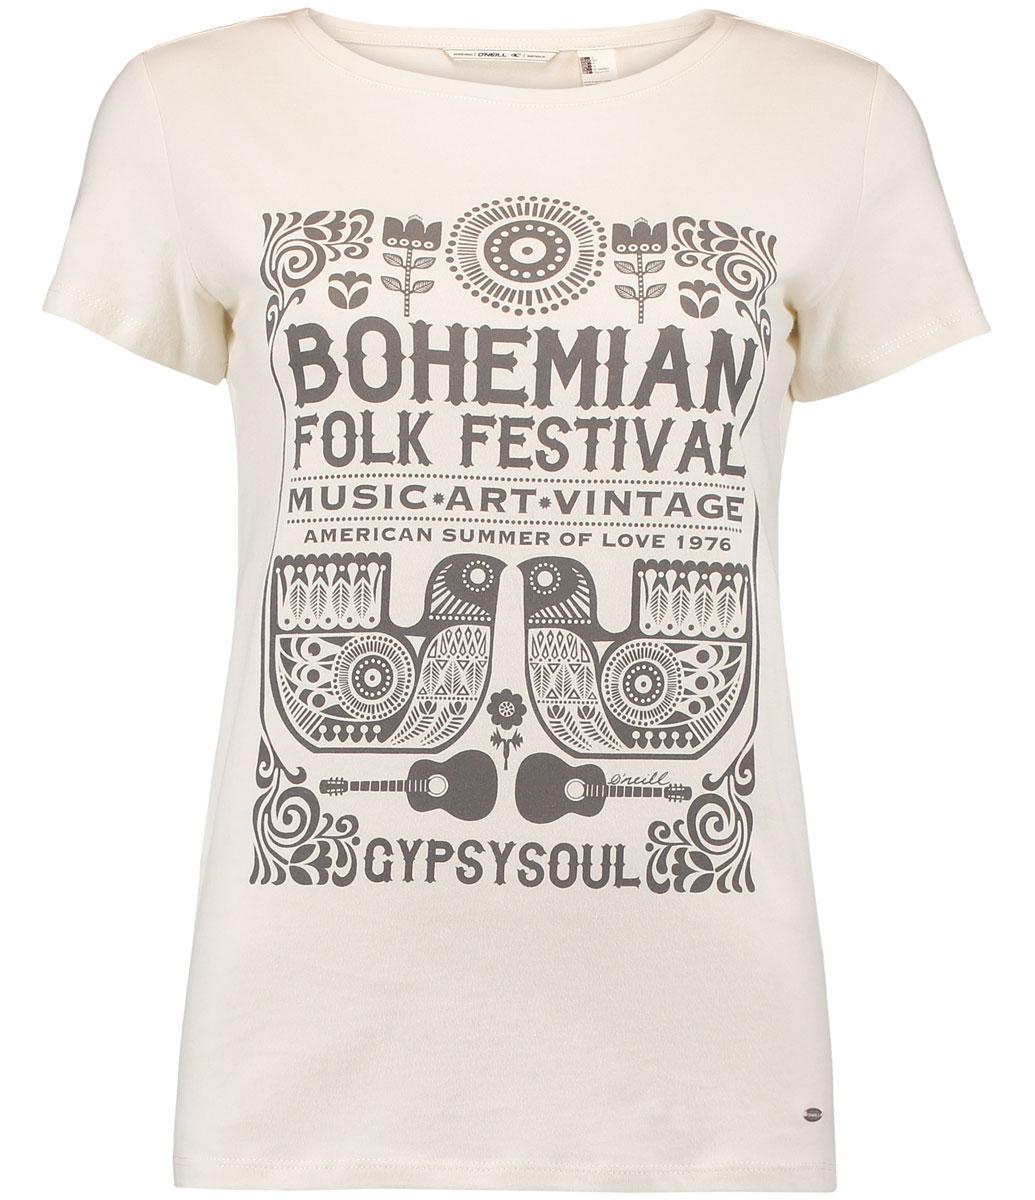 Футболка женская ONeill Lw Boho Festival T-Shirt, цвет: белый. 7A7330-1030. Размер M (46/48)7A7330-1030Футболка женская ONeill выполнена из 100% хлопка. Модель имеет стандартный крой, короткий рукав и круглый вырез горловины. Футболка дополнена надписями в стиле бохо.